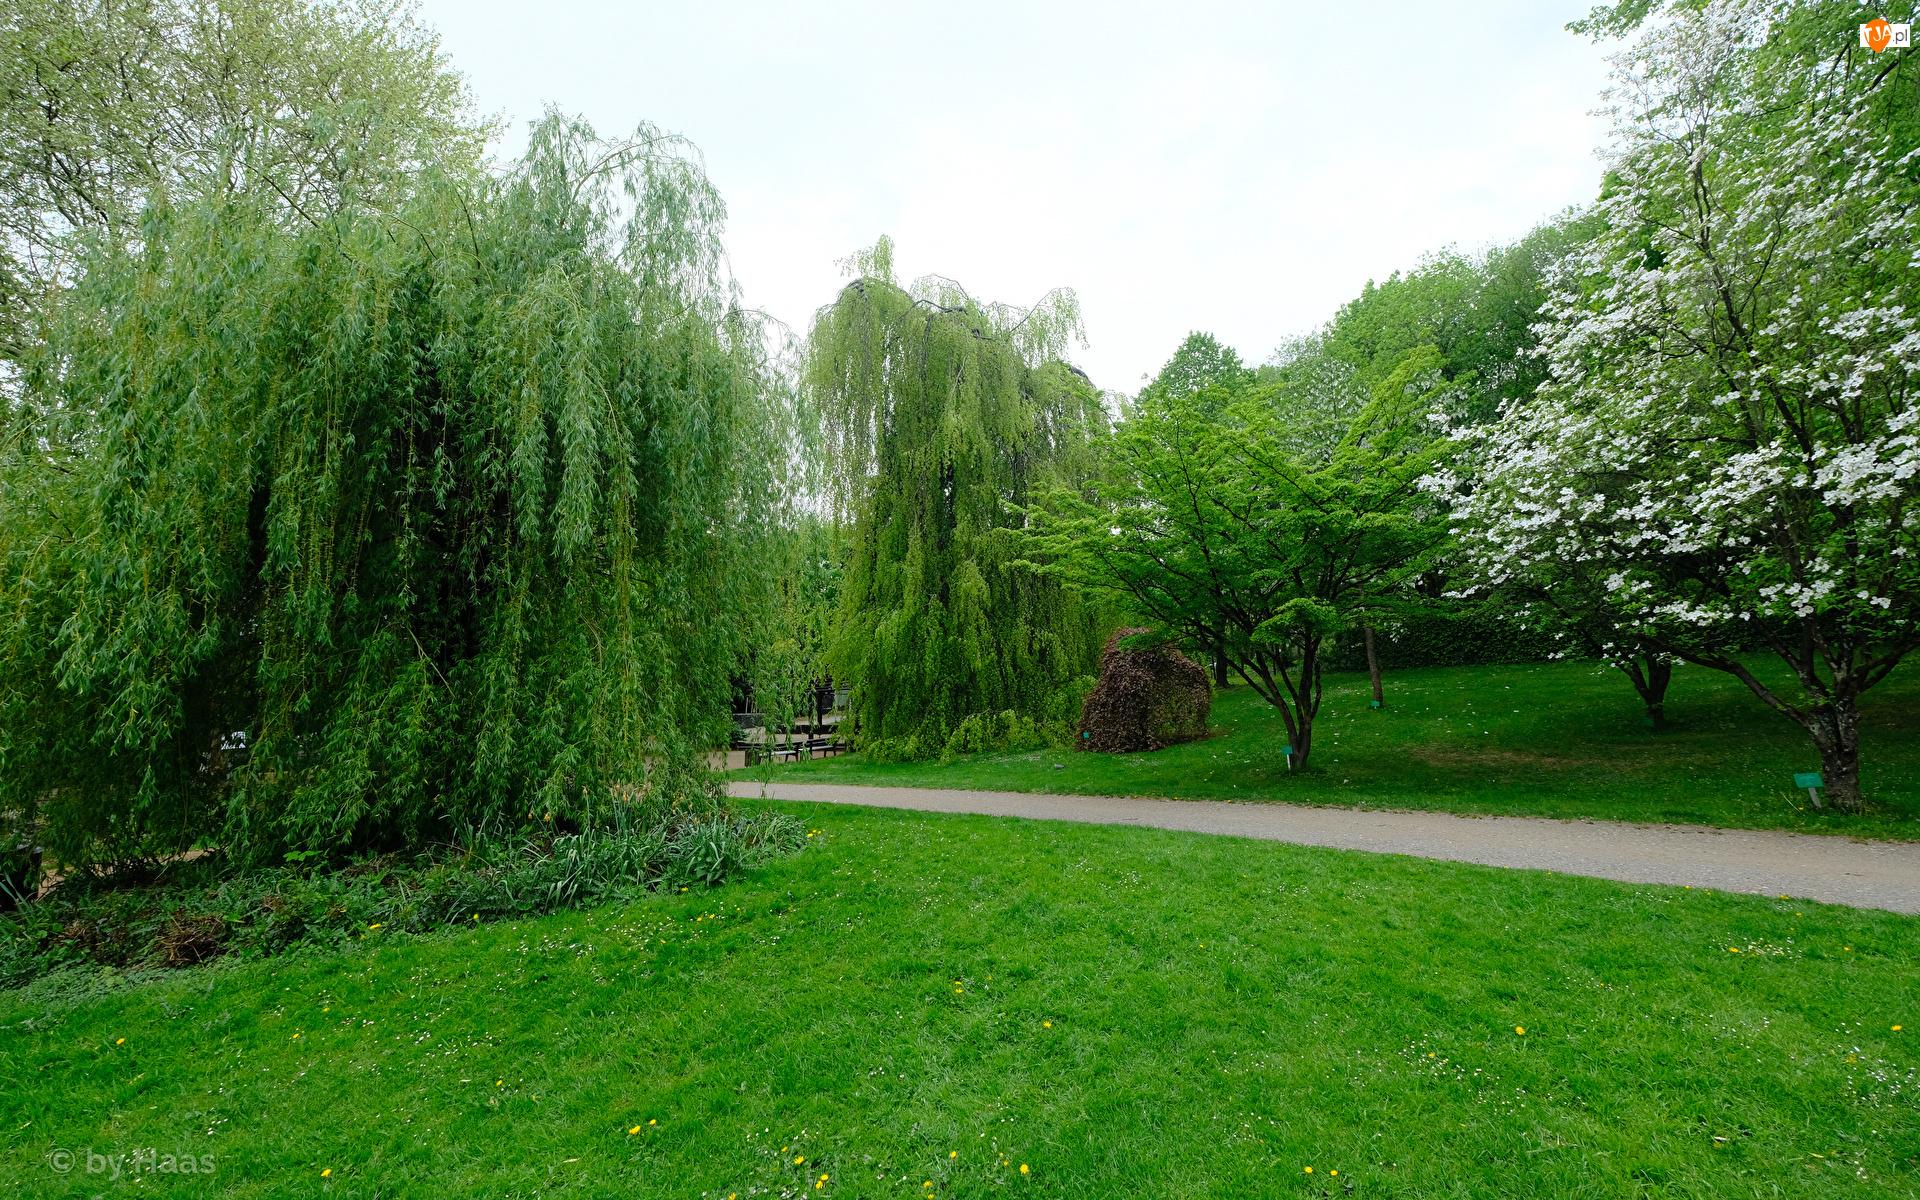 Wiosna, Park, Wierzba, Ścieżka, Drzewa, Trawnik